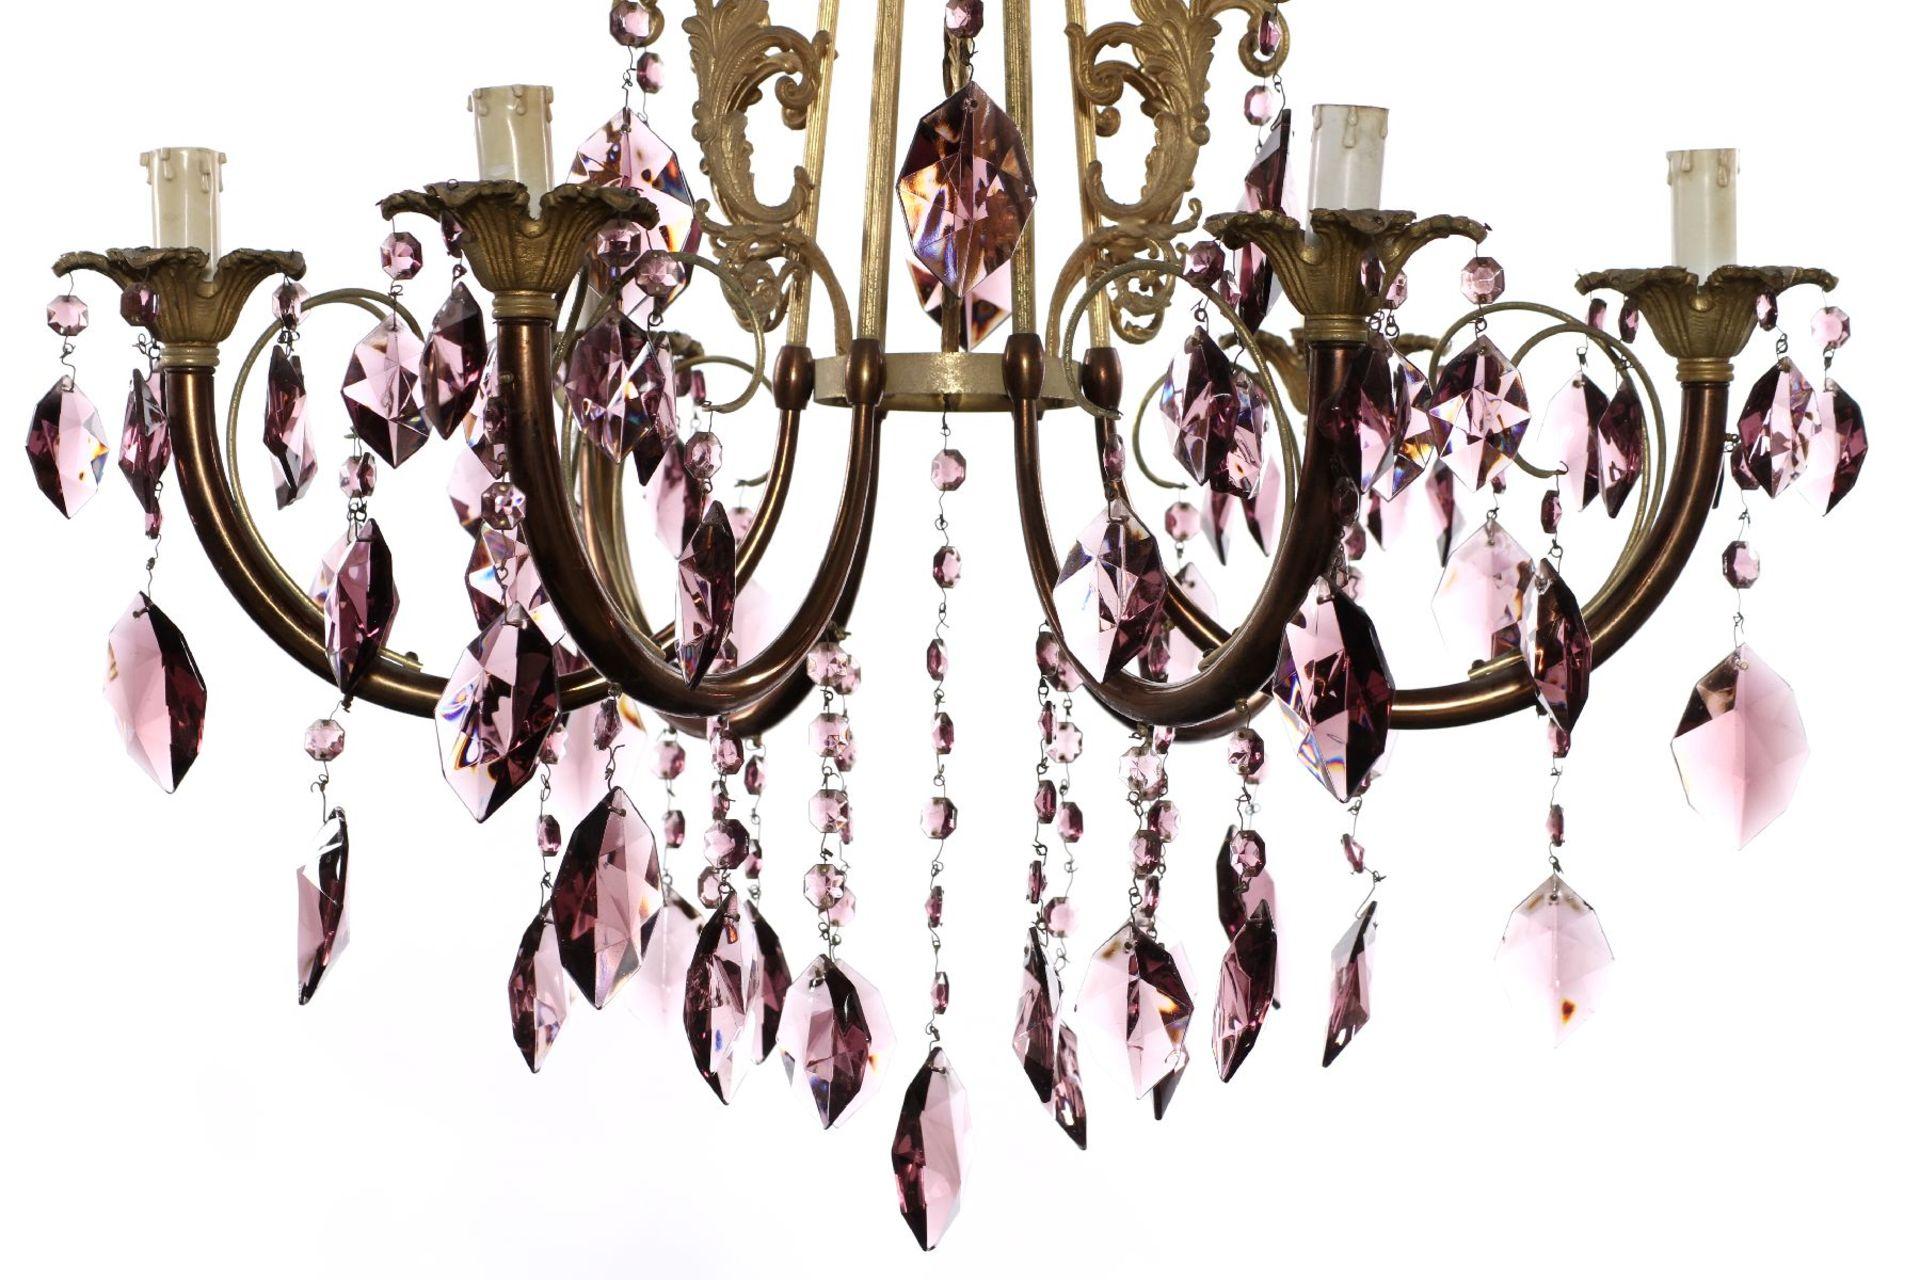 Kristallleuchter, Italien, Metallkorpus mit - Image 2 of 2